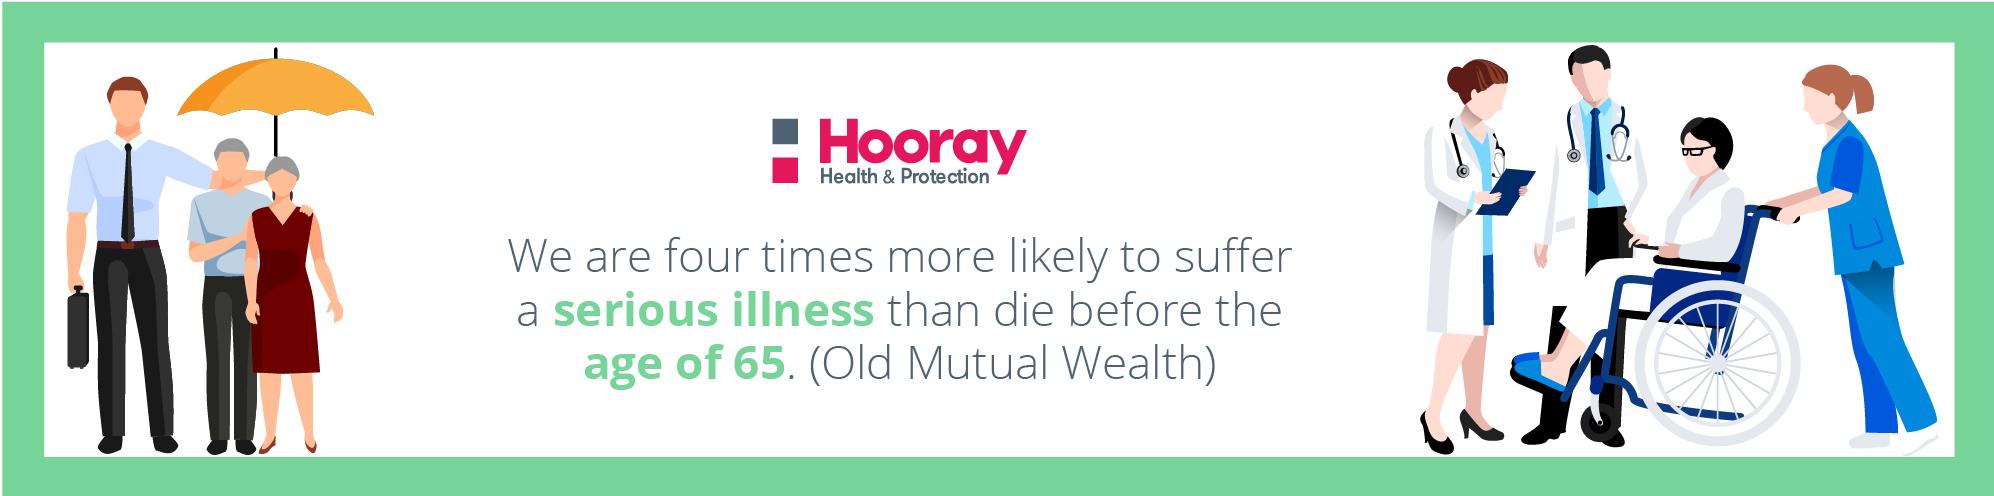 Dread Disease Insurance